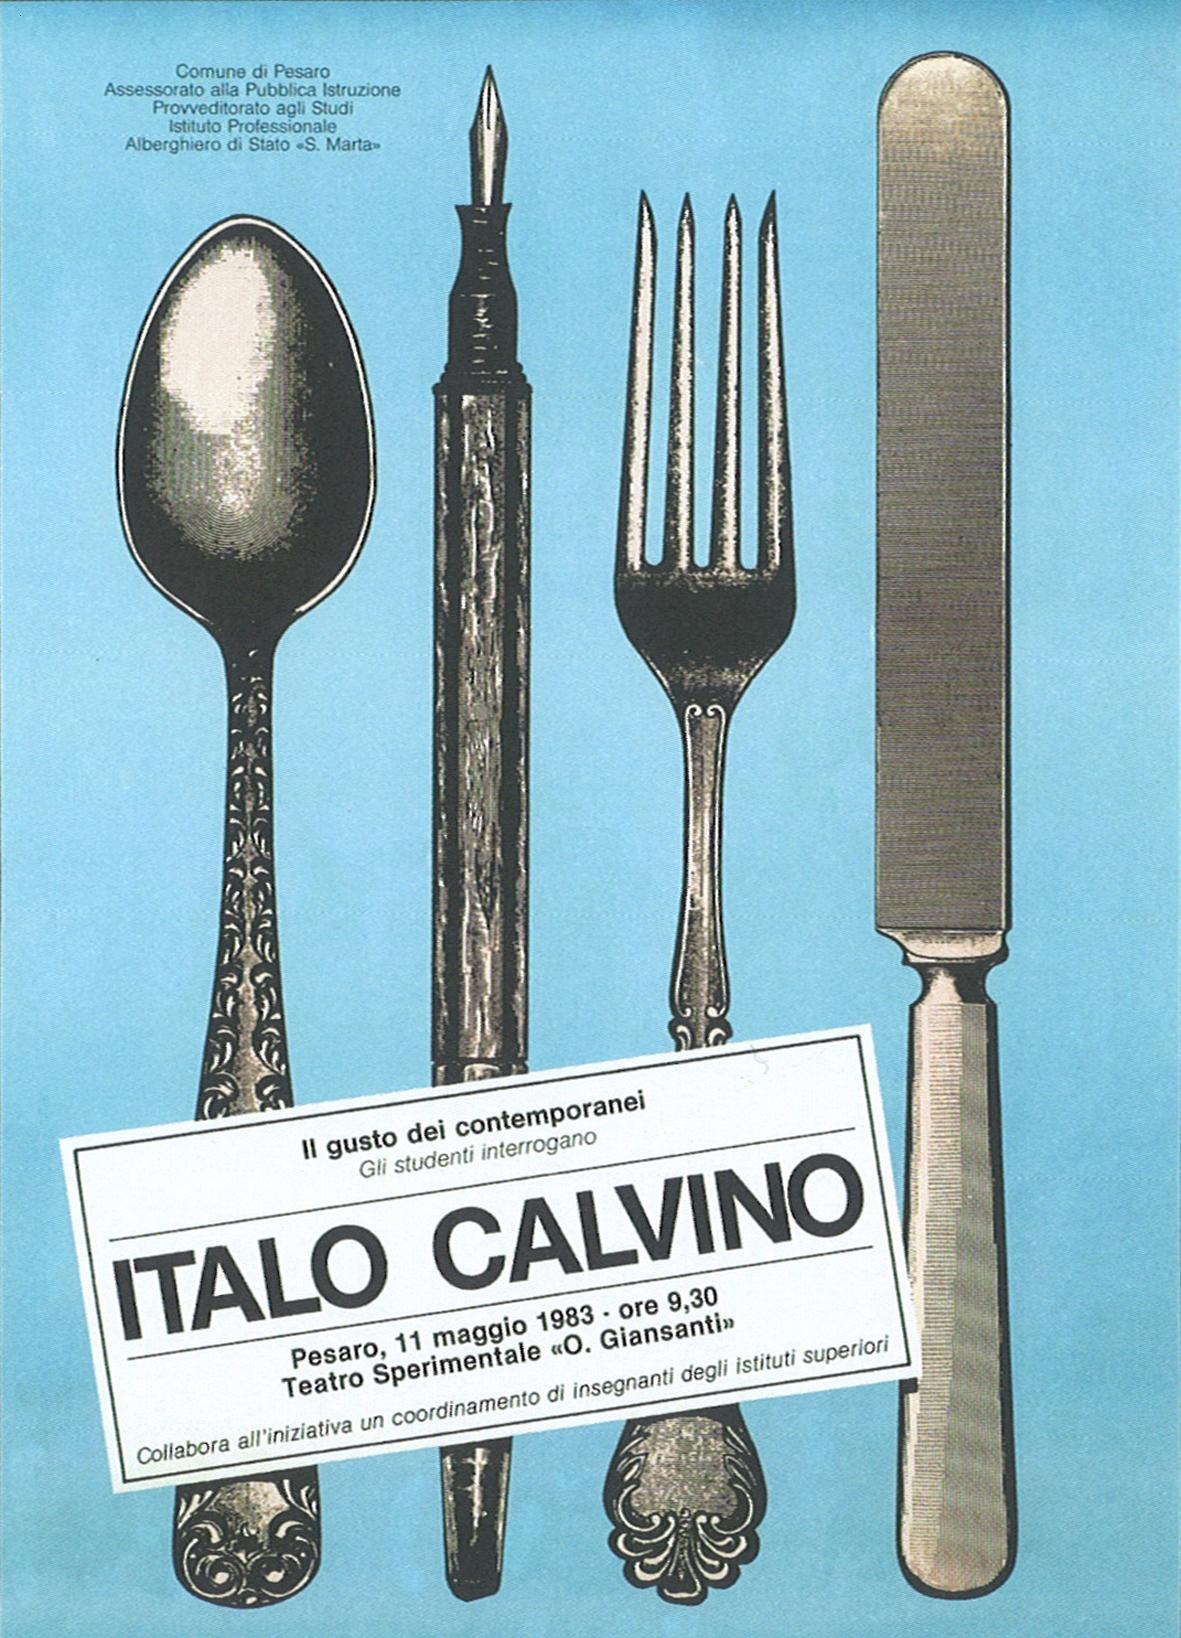 1-Il gusto dei contemporanei. Gli studenti interrogano Italo Calvino, 1983, offset Massimo Dolcini